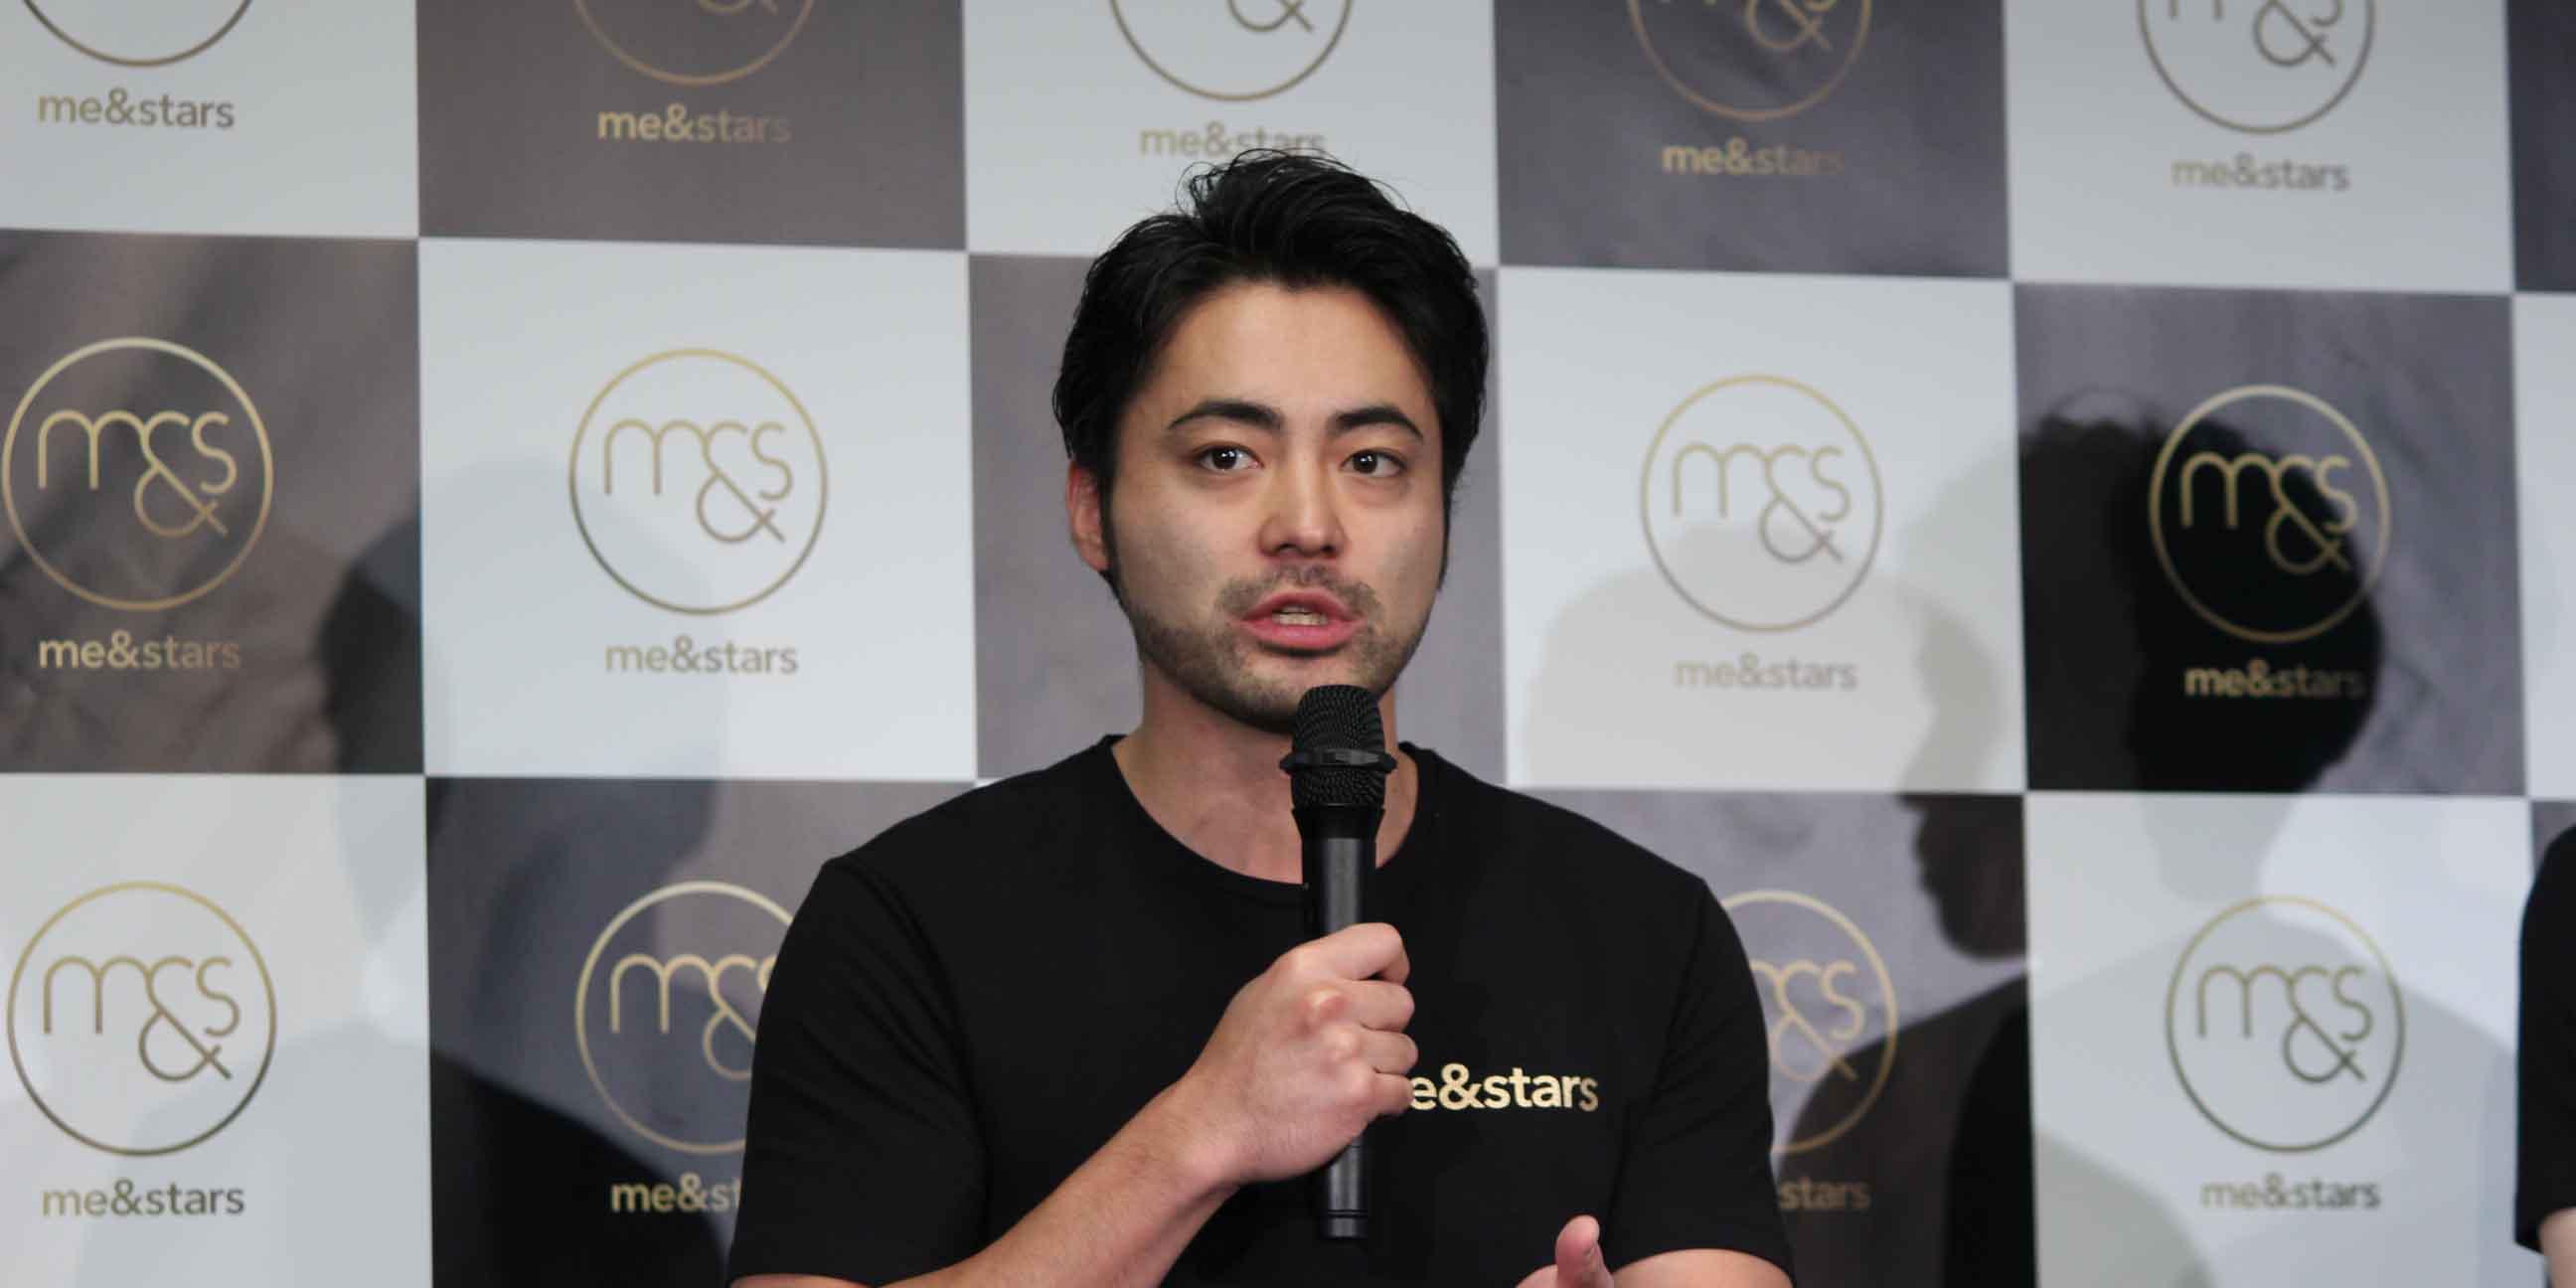 山田孝之はなぜビジネスの世界に挑戦するのか? 記者発表会でその真意を語る